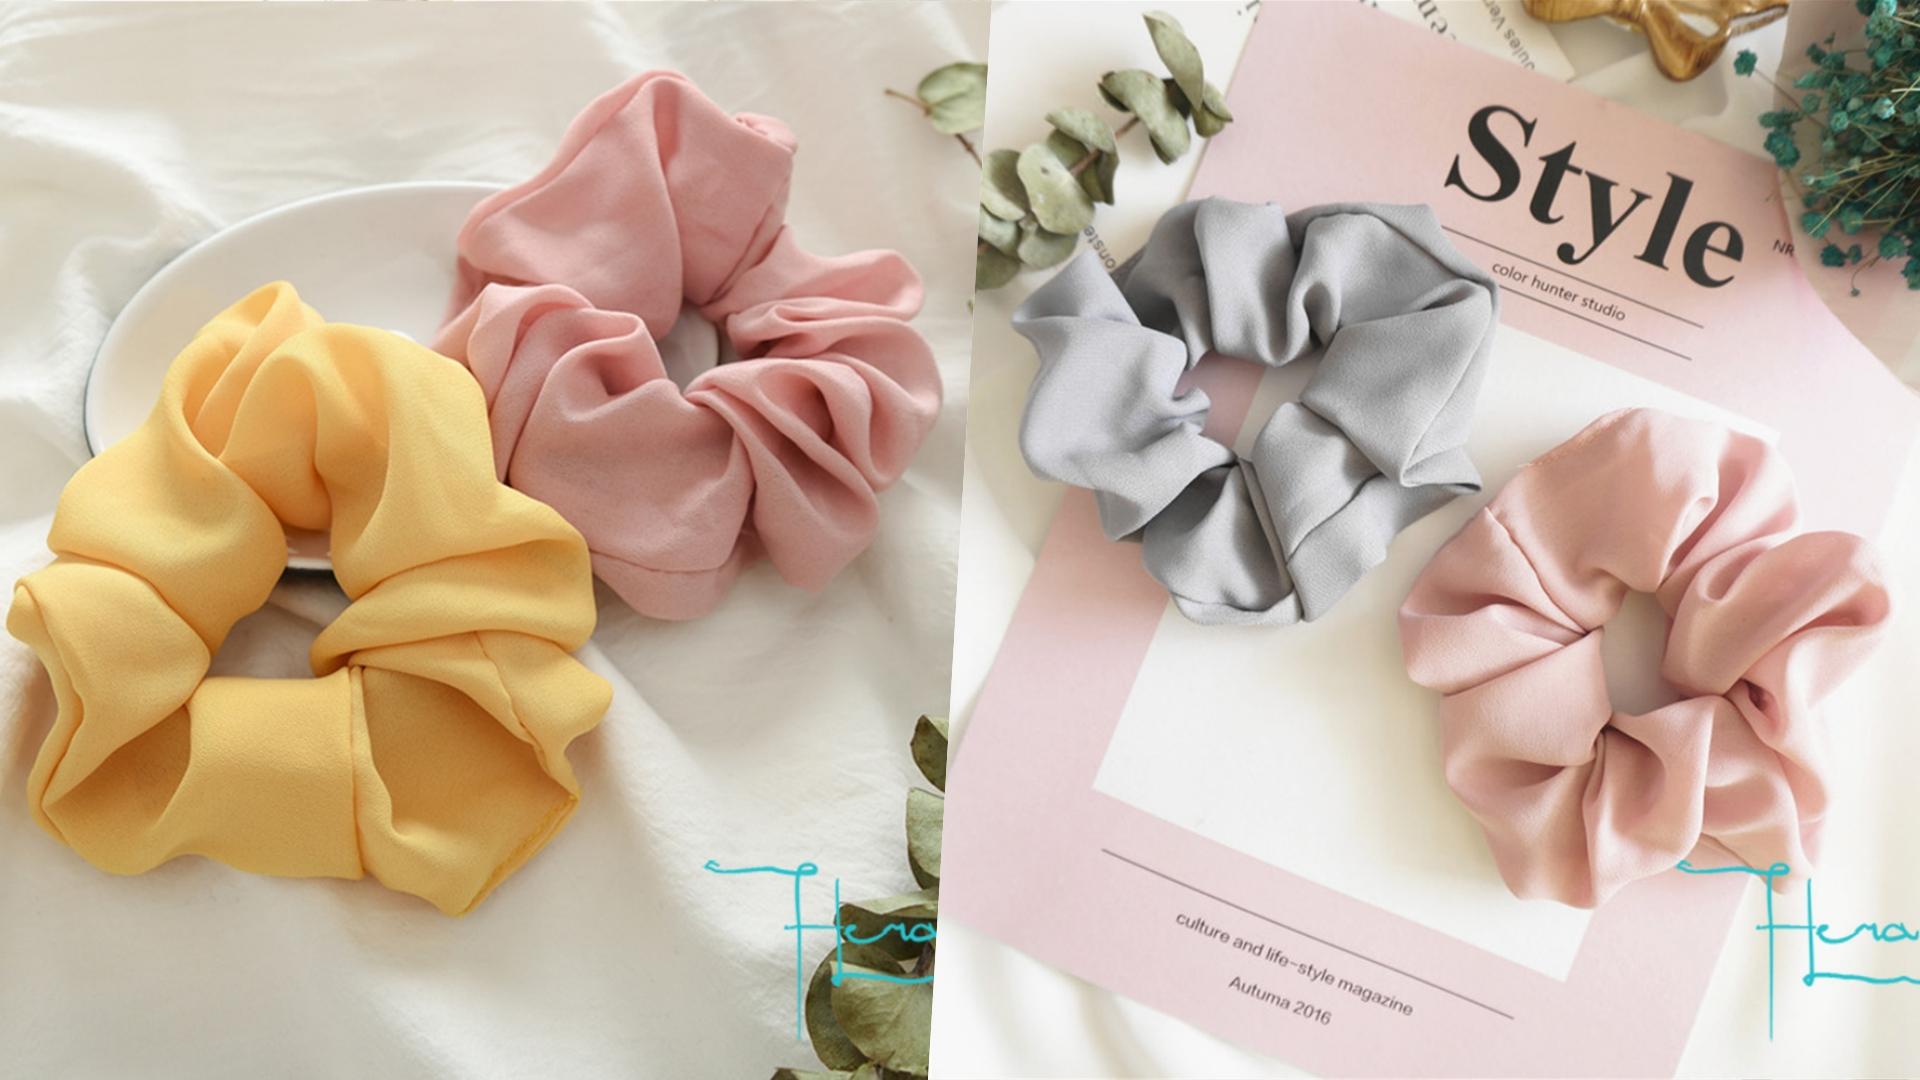 Hera赫拉 韓版素色彈力無縫大腸圈(四色),超粉嫩的顏色看起來超可愛,就算不綁頭髮也能戴在手上當裝飾!